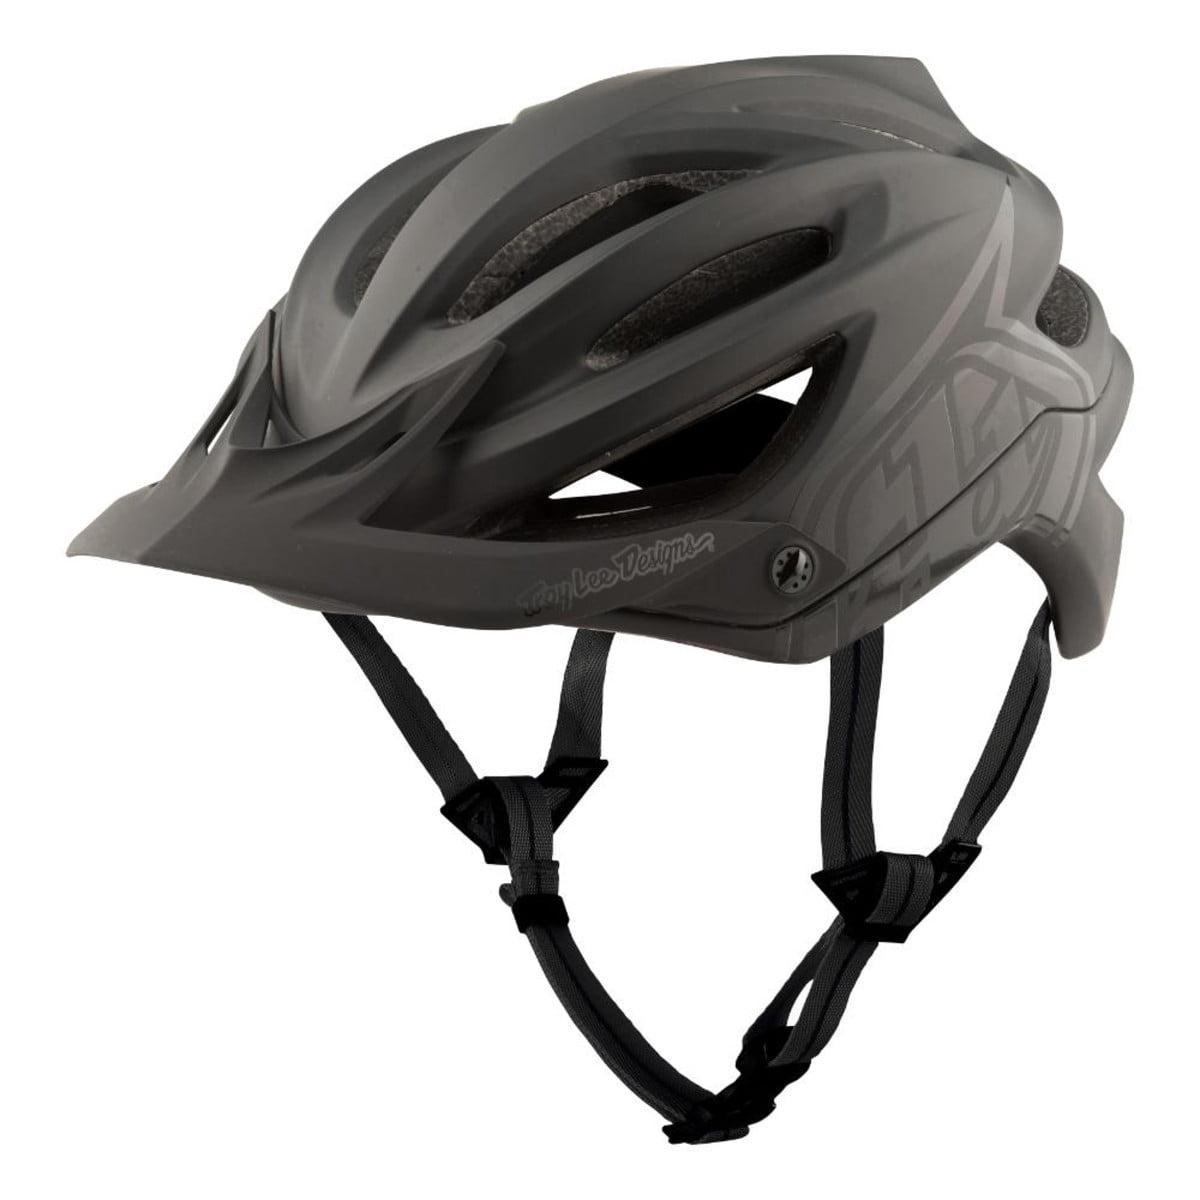 Troy Lee Designs A2 MIPS Decoy Helmet - Black Medium/Large